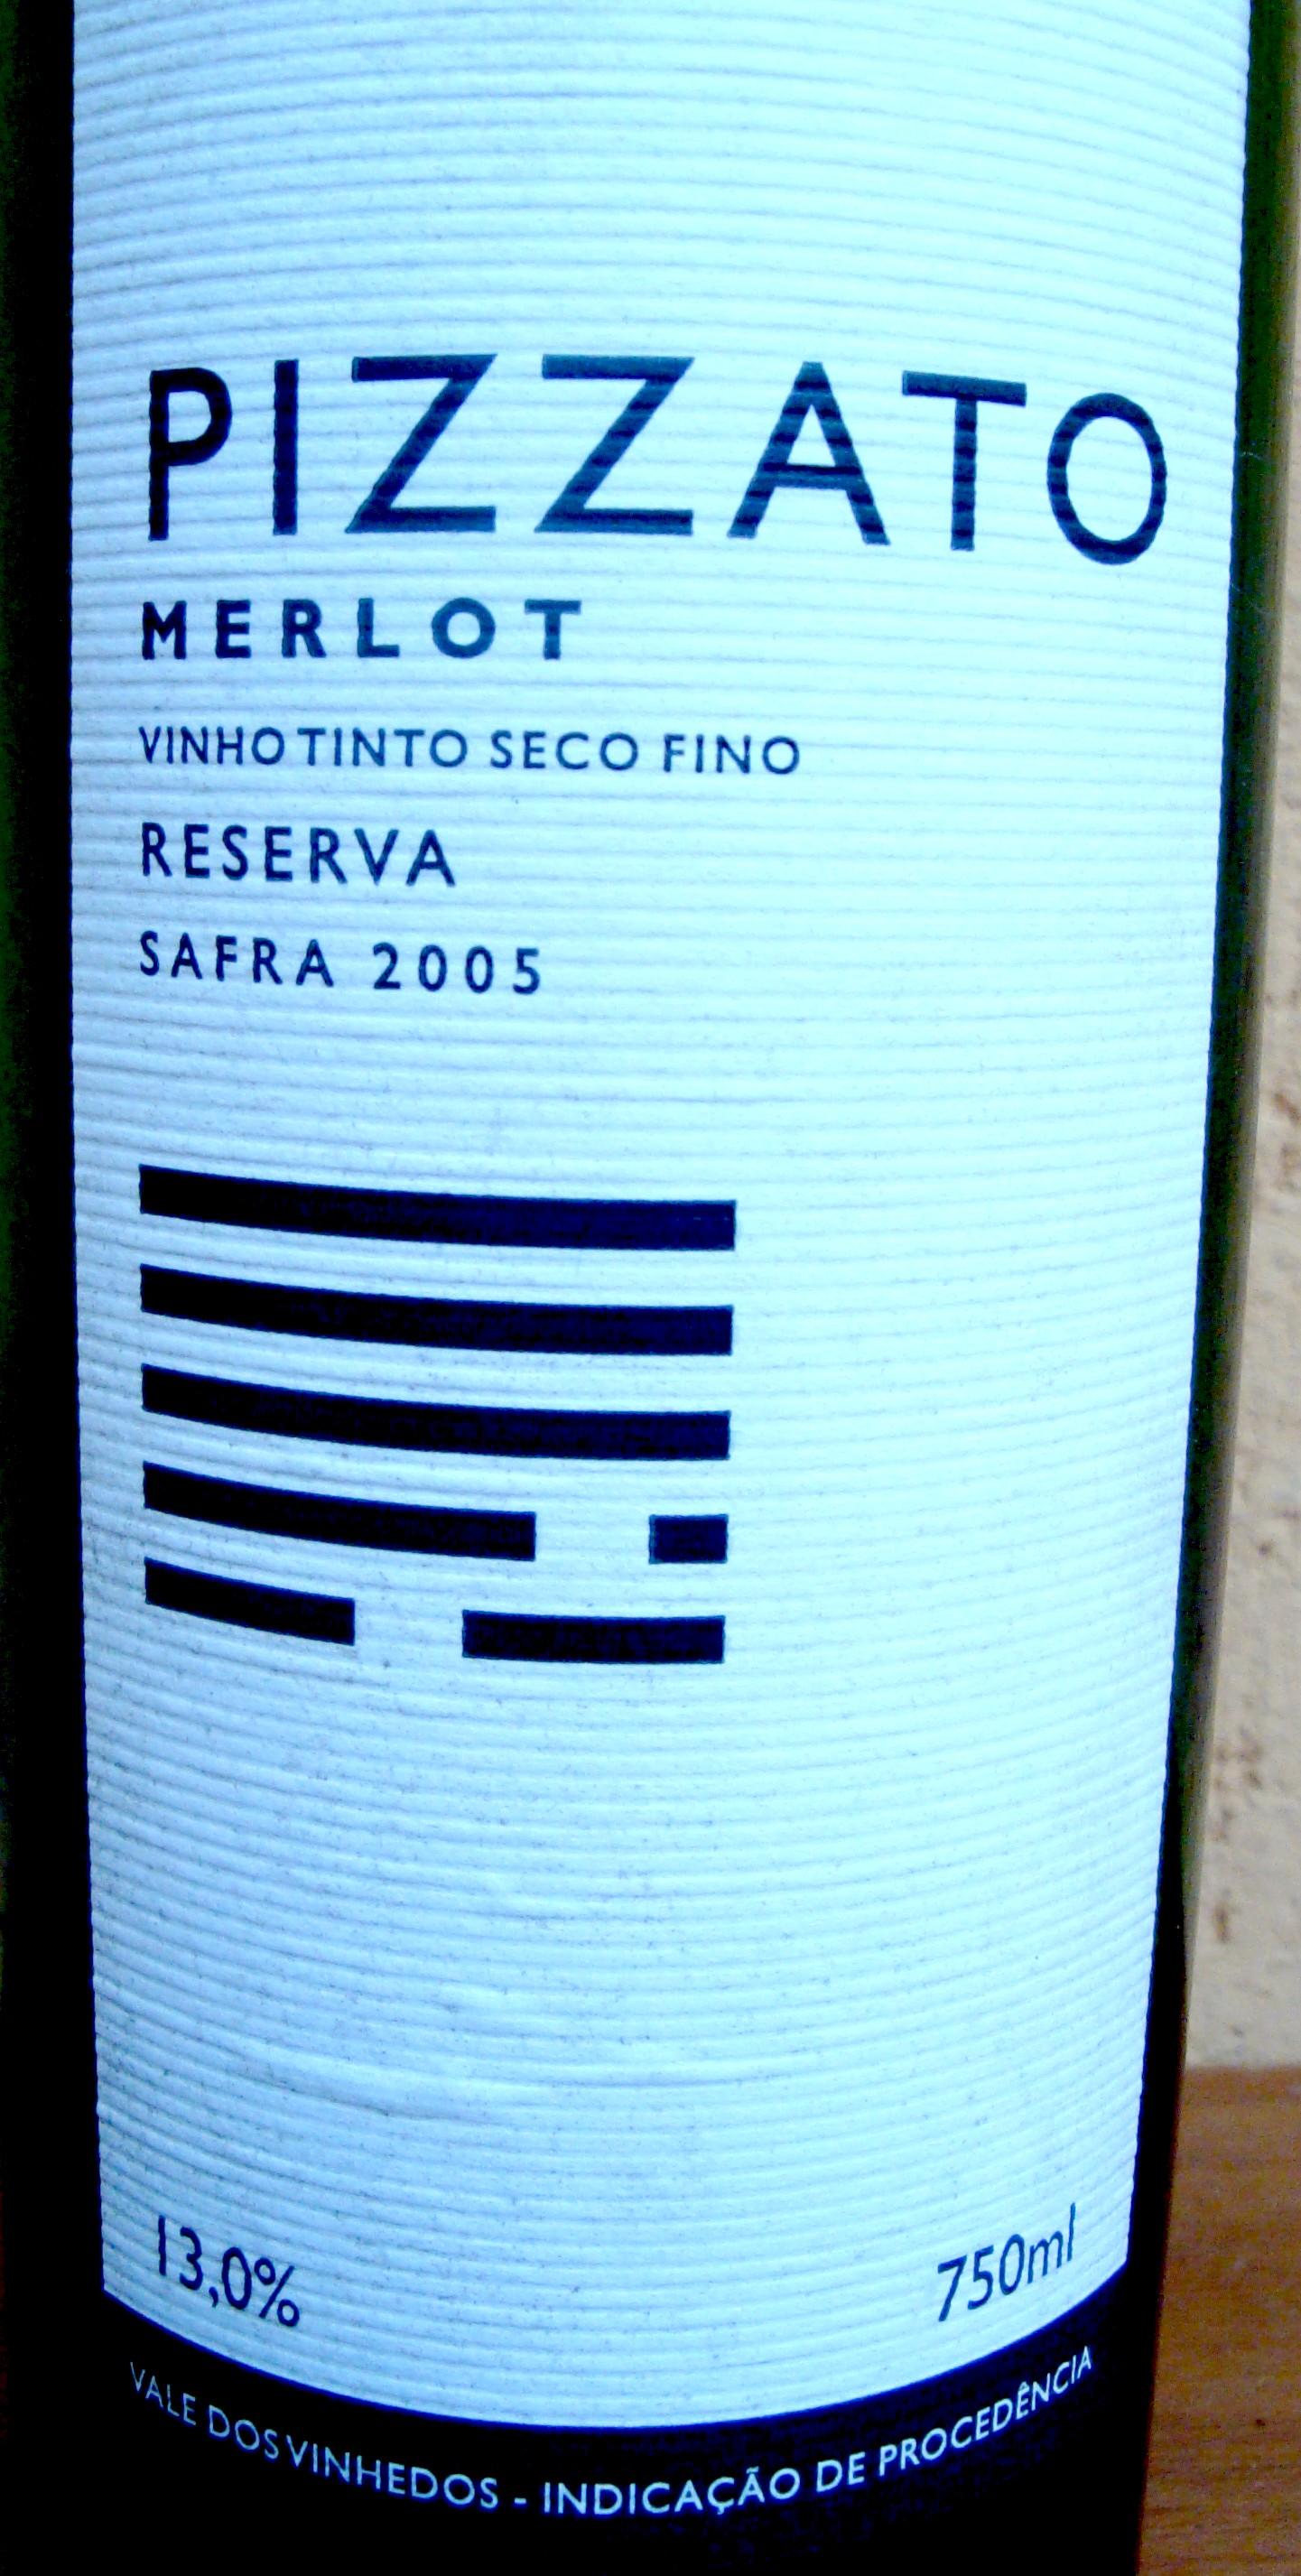 Merlot Reserva Pizzato